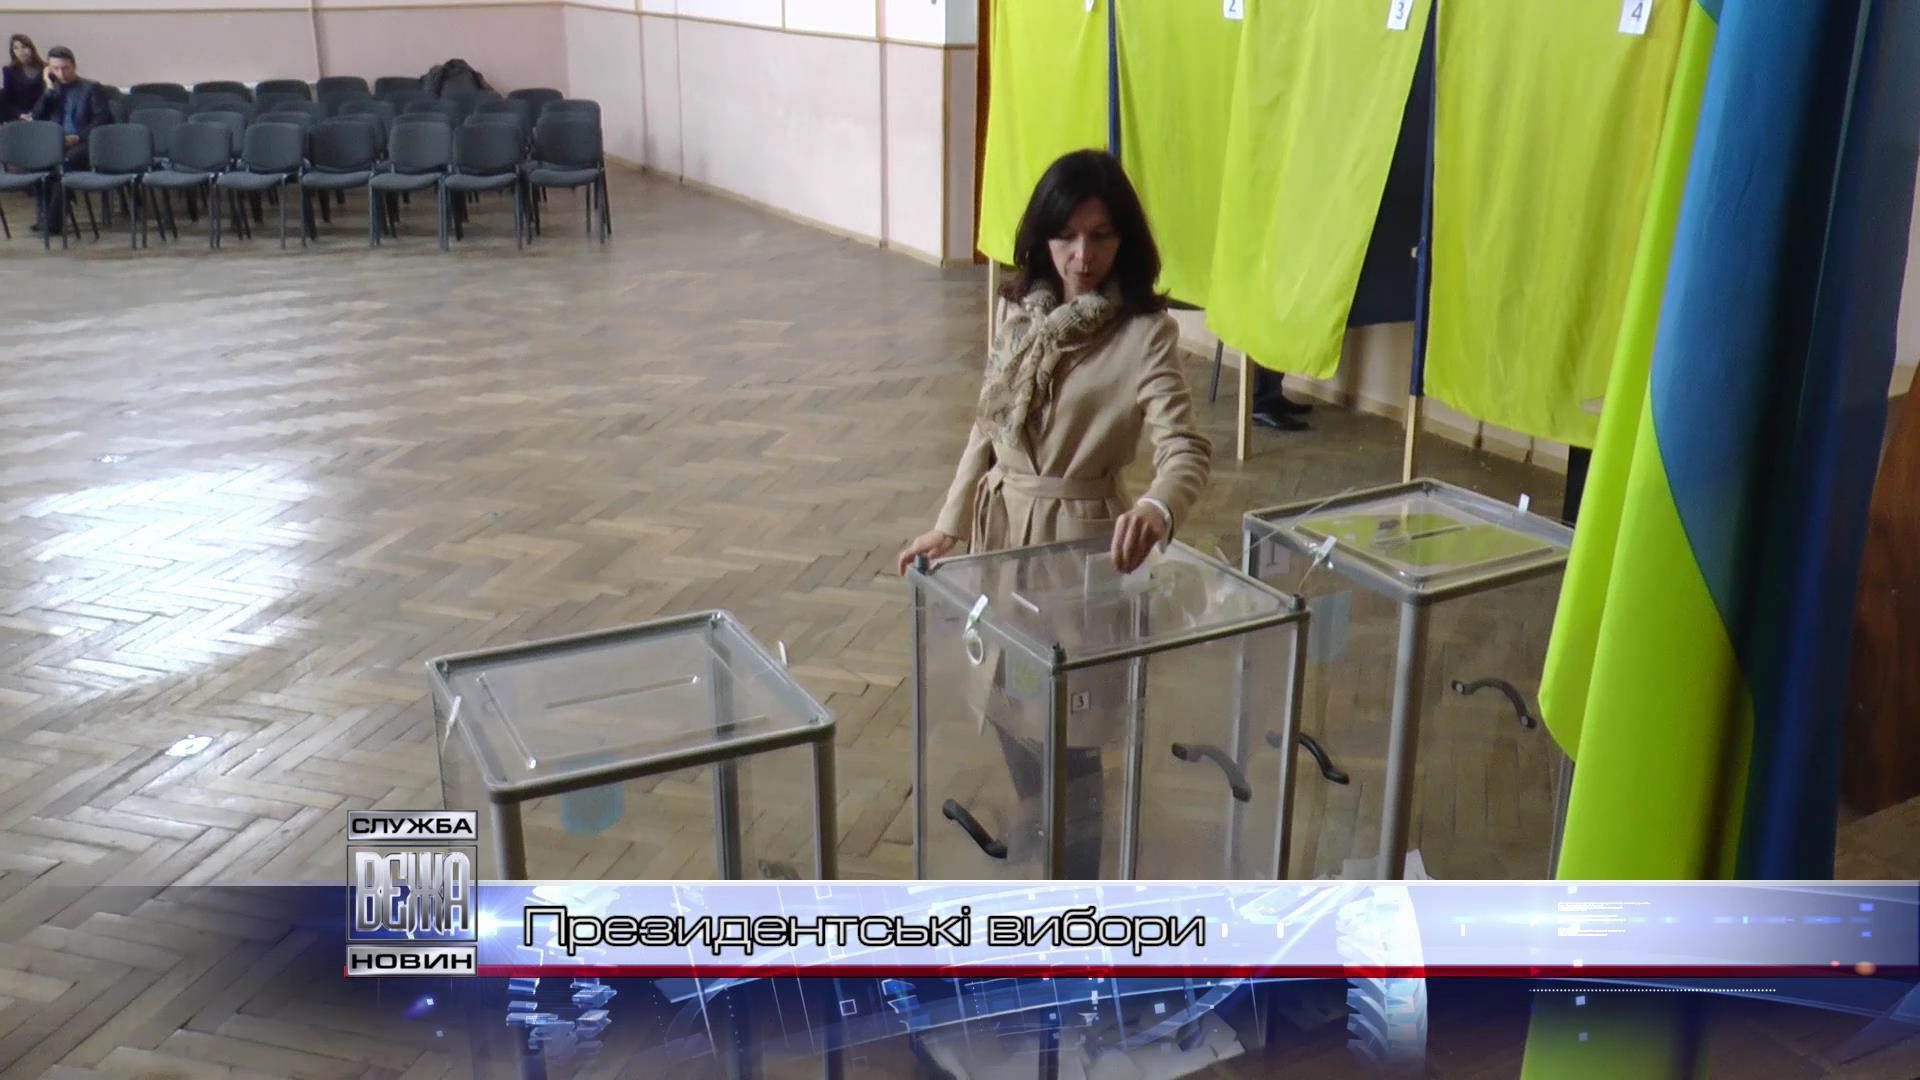 Президентські вибори[17-23-37]